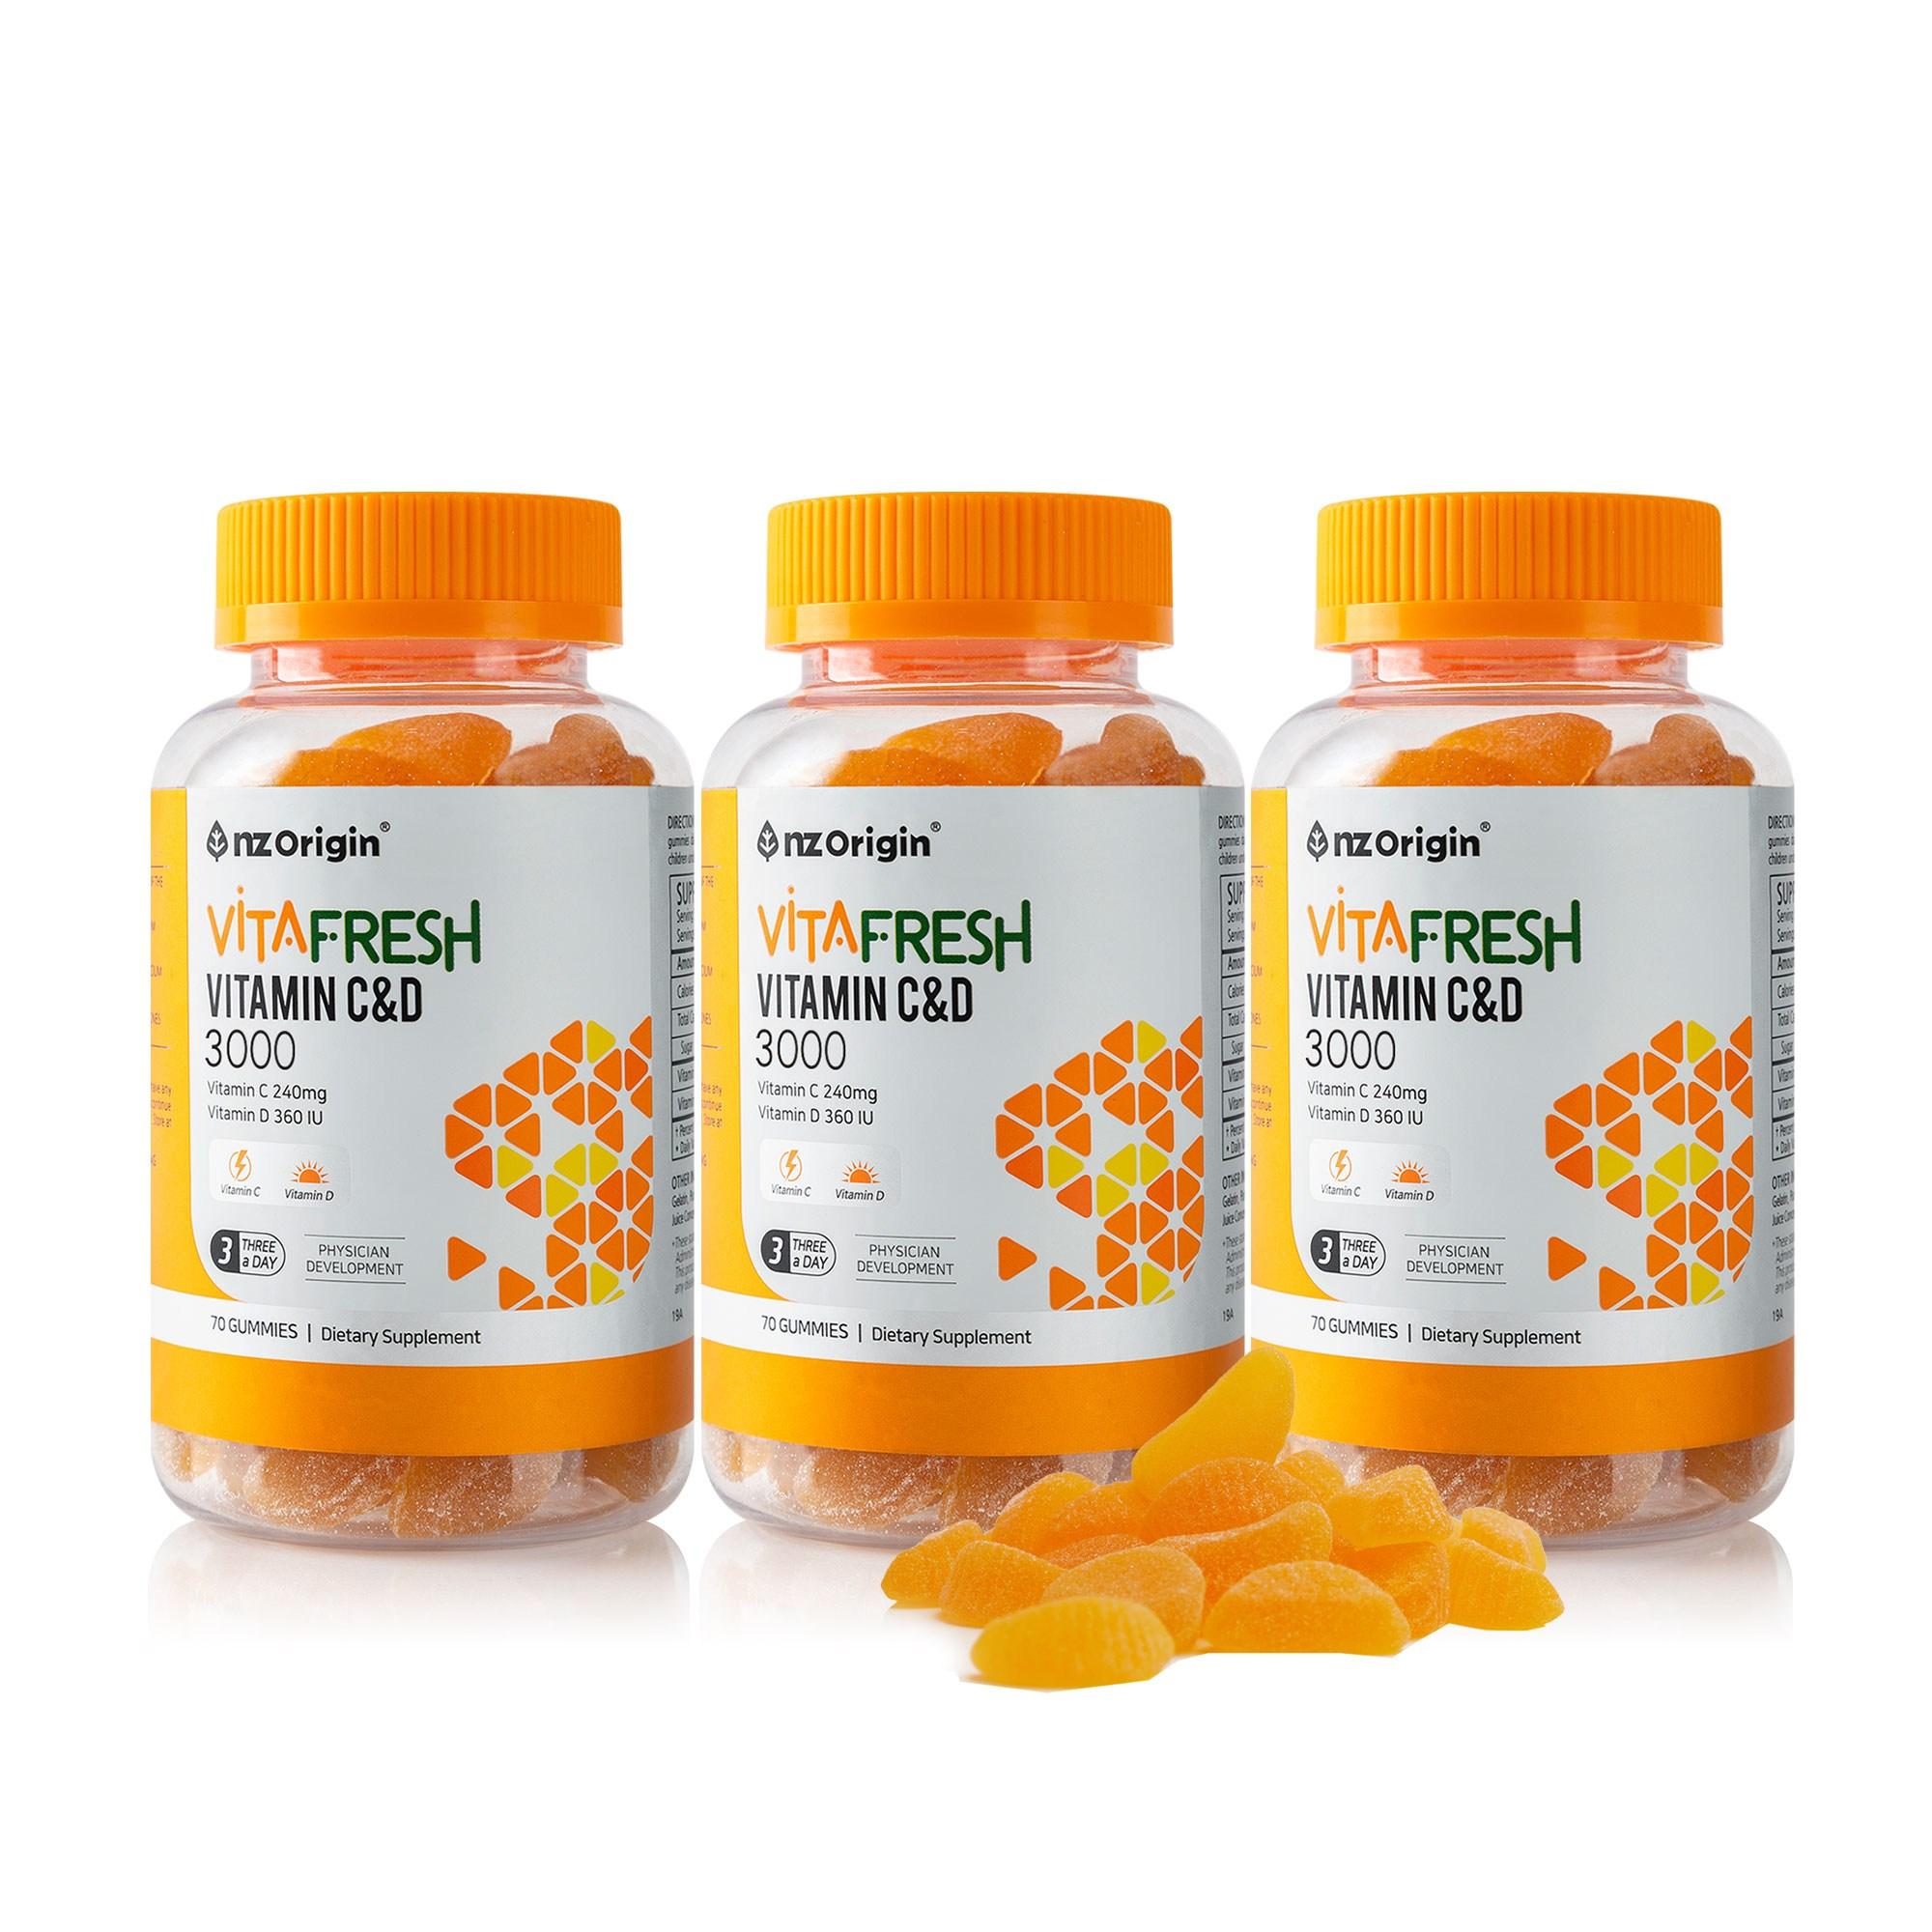 엔젯오리진 비타프레쉬 귤젤리 비타민C&D(70구미), 3통, 70구미